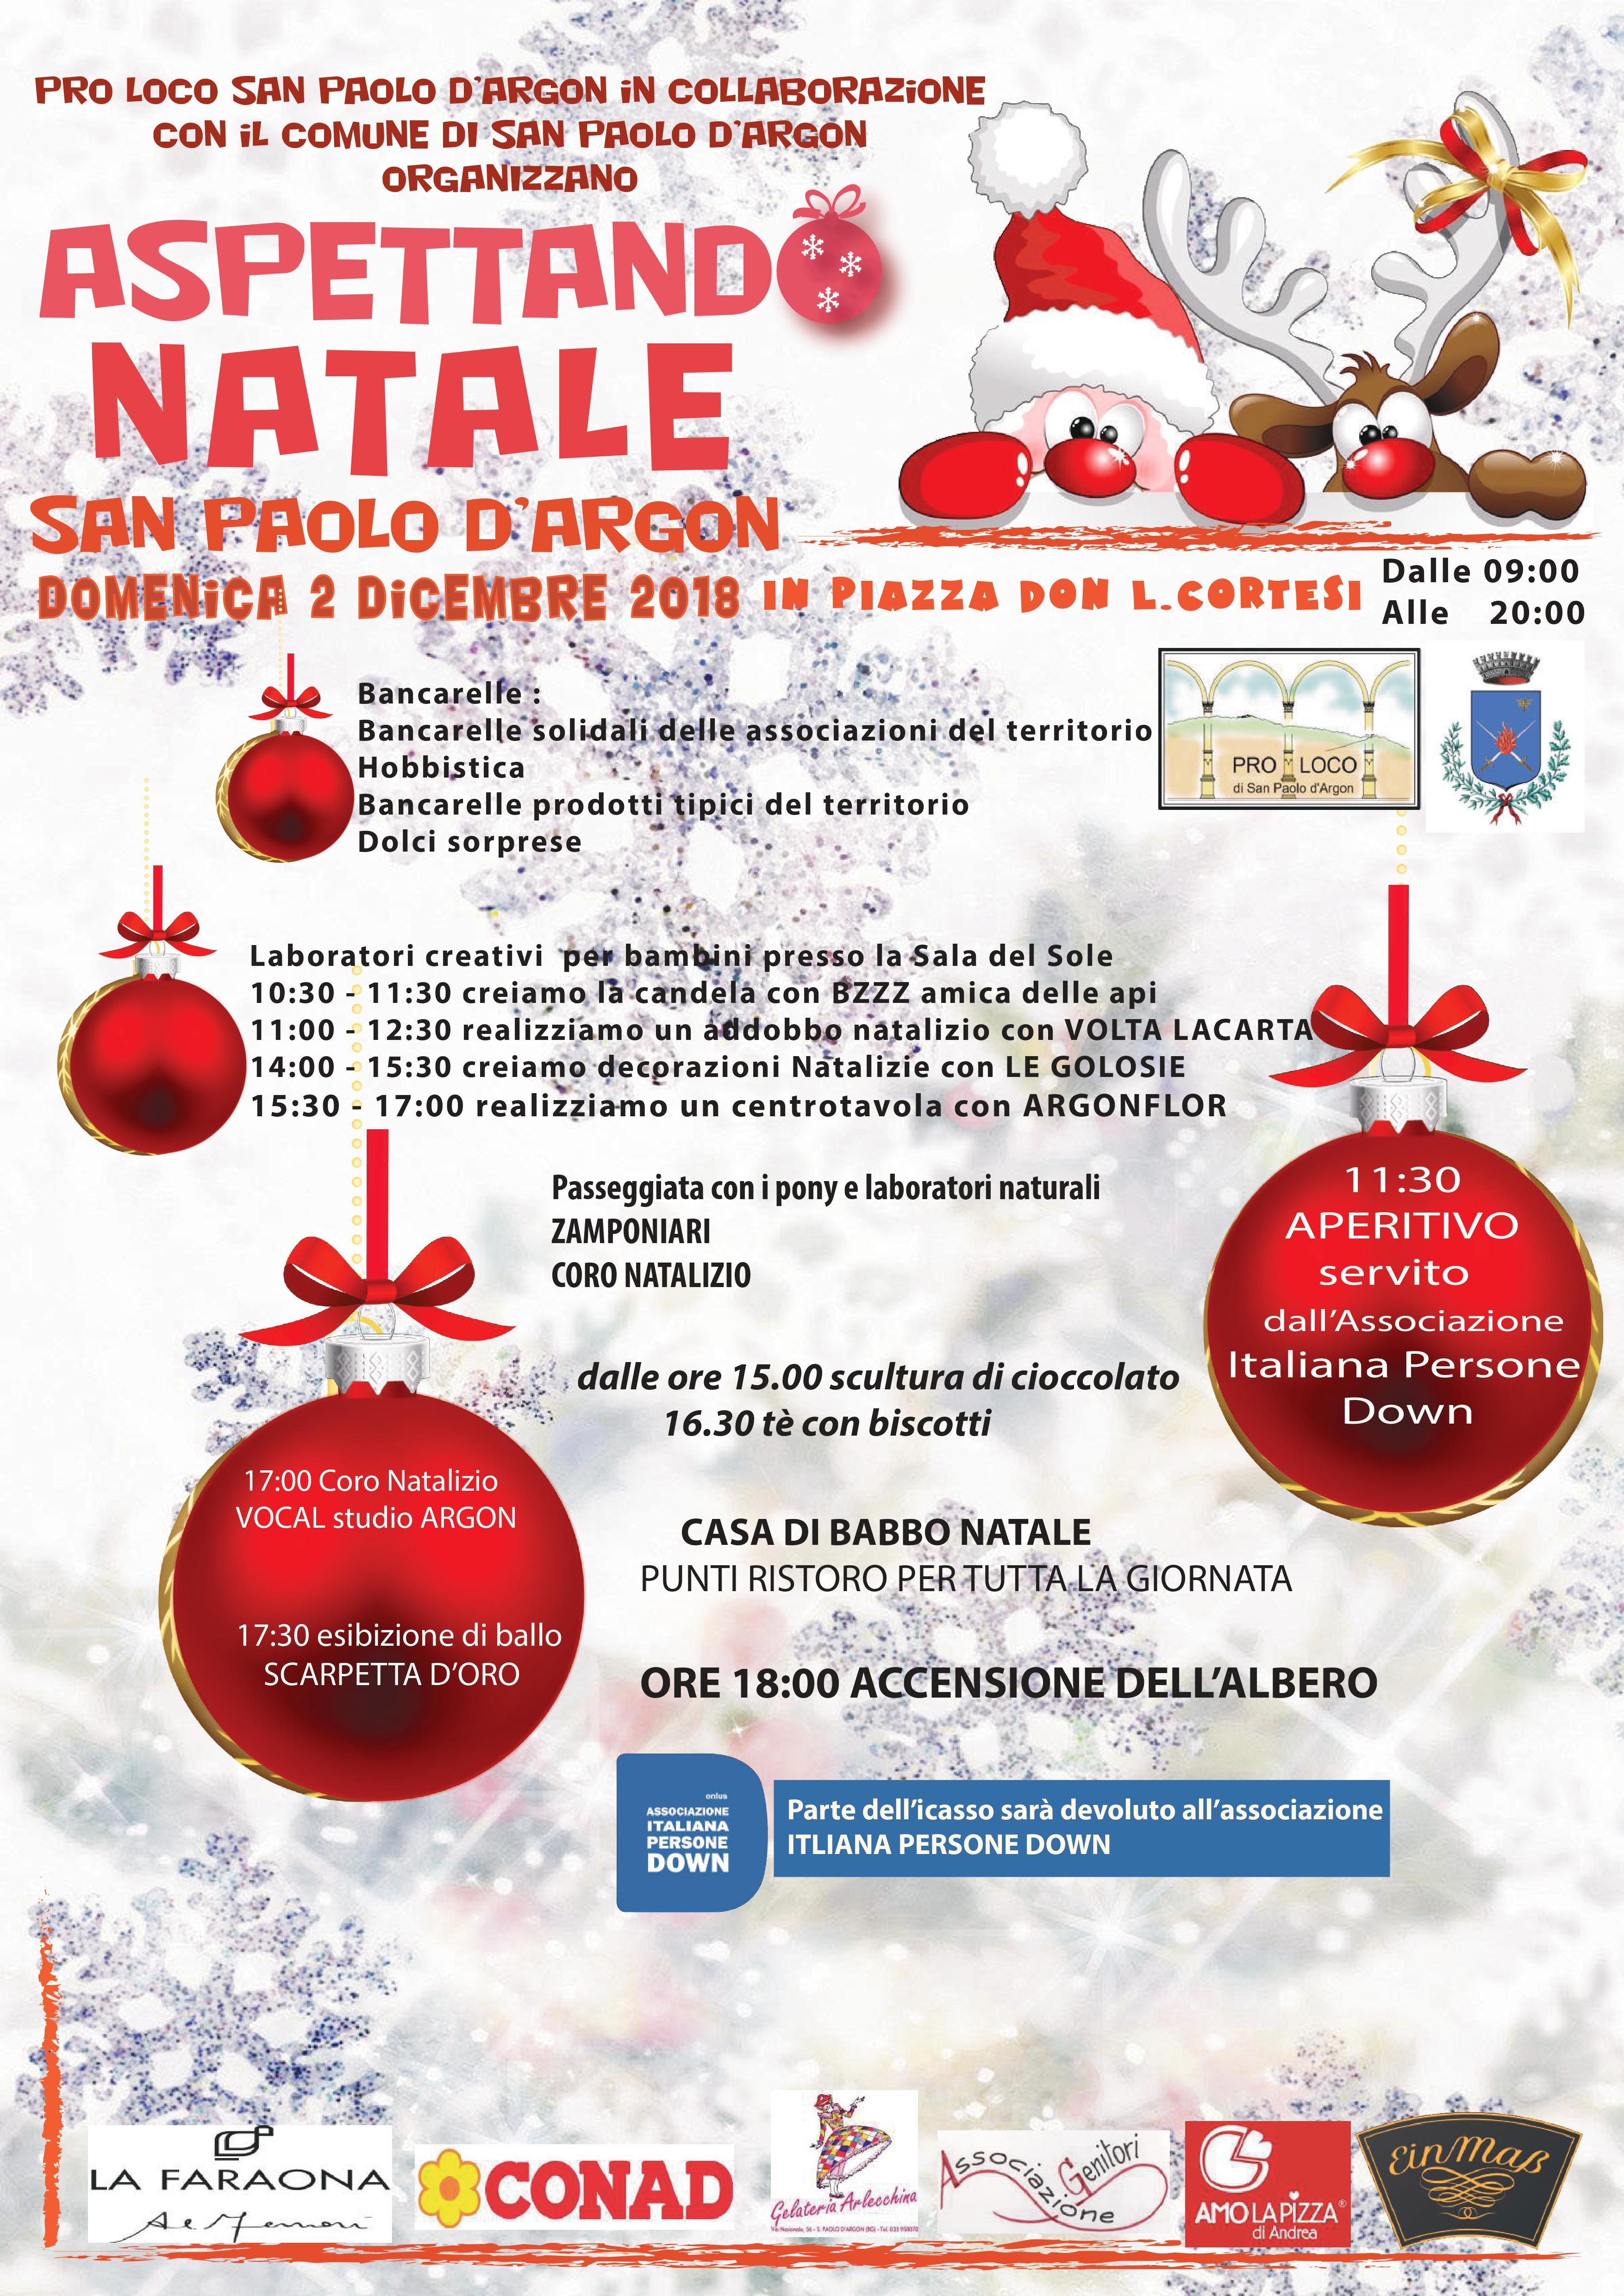 Immagini Aspettando Natale.Aspettando Natale A San Paolo D Argon Radio 2 0